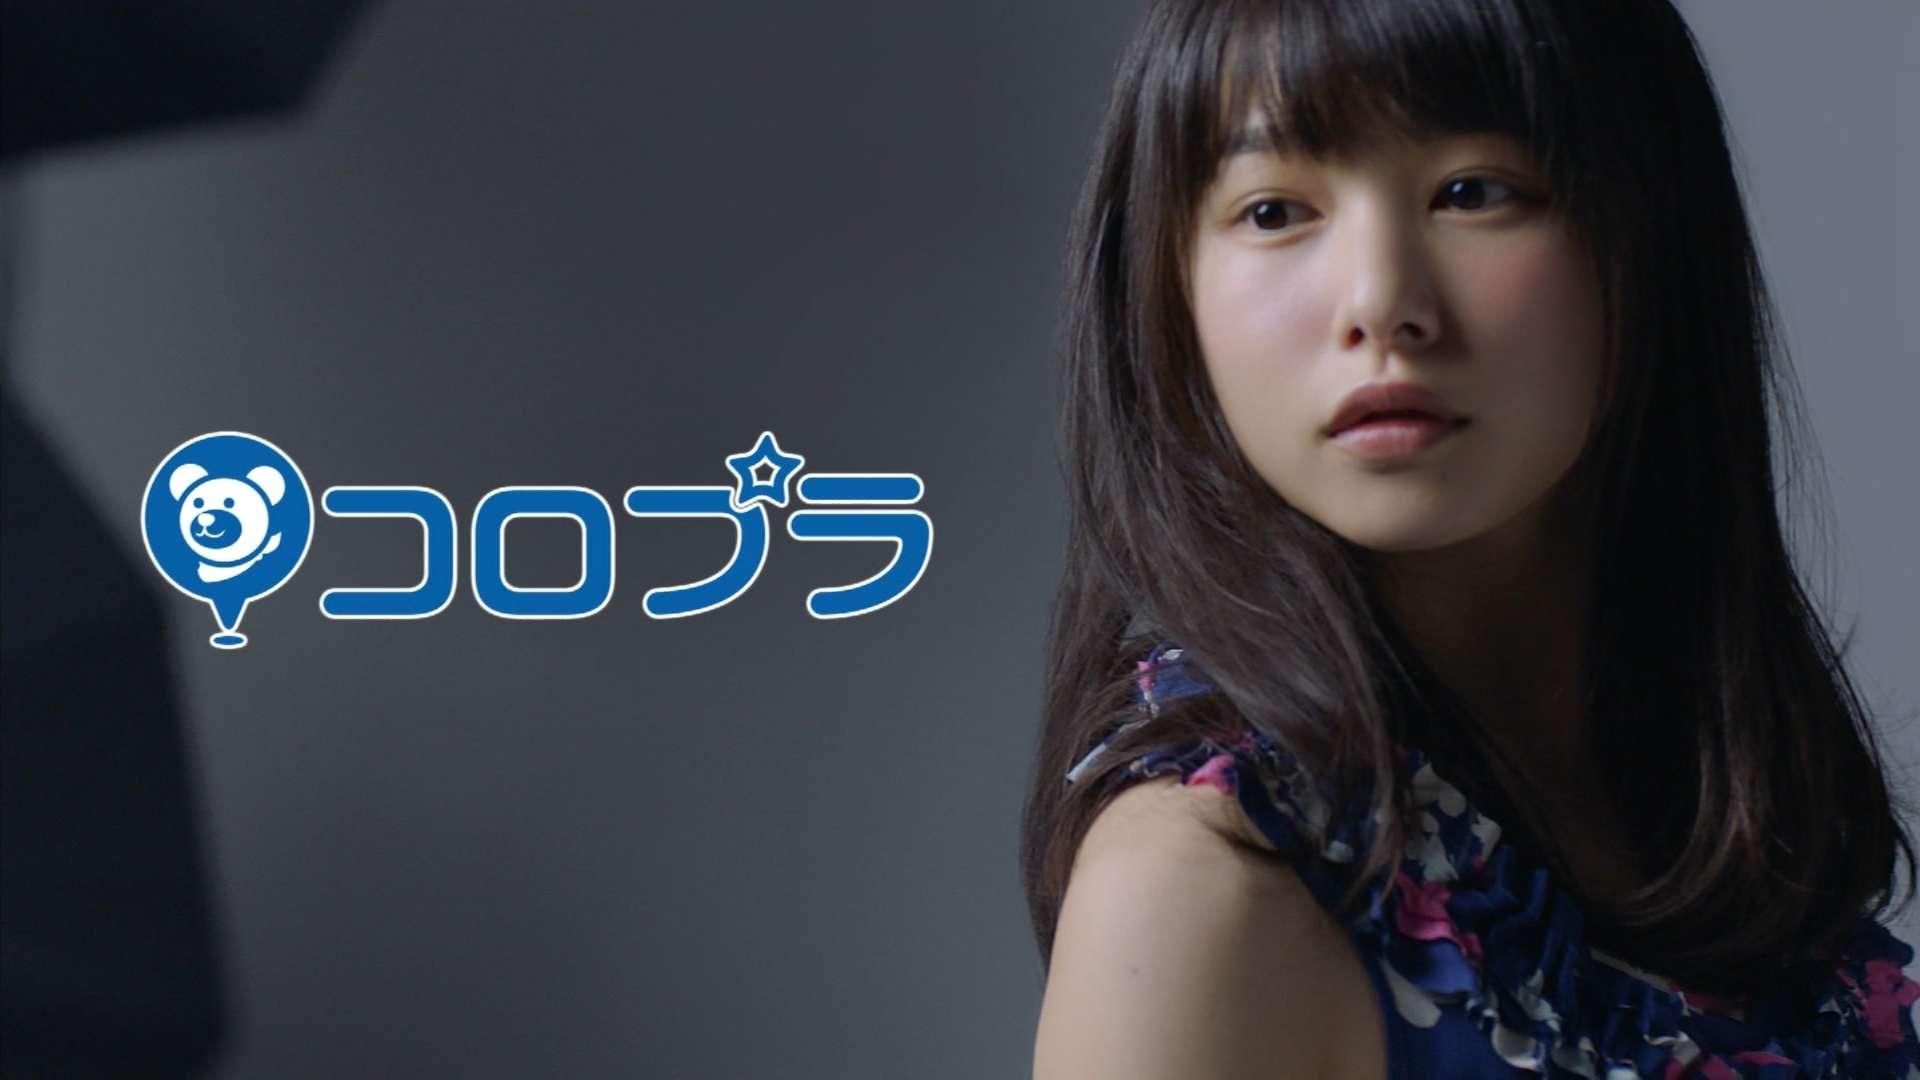 桜井日奈子 画像2